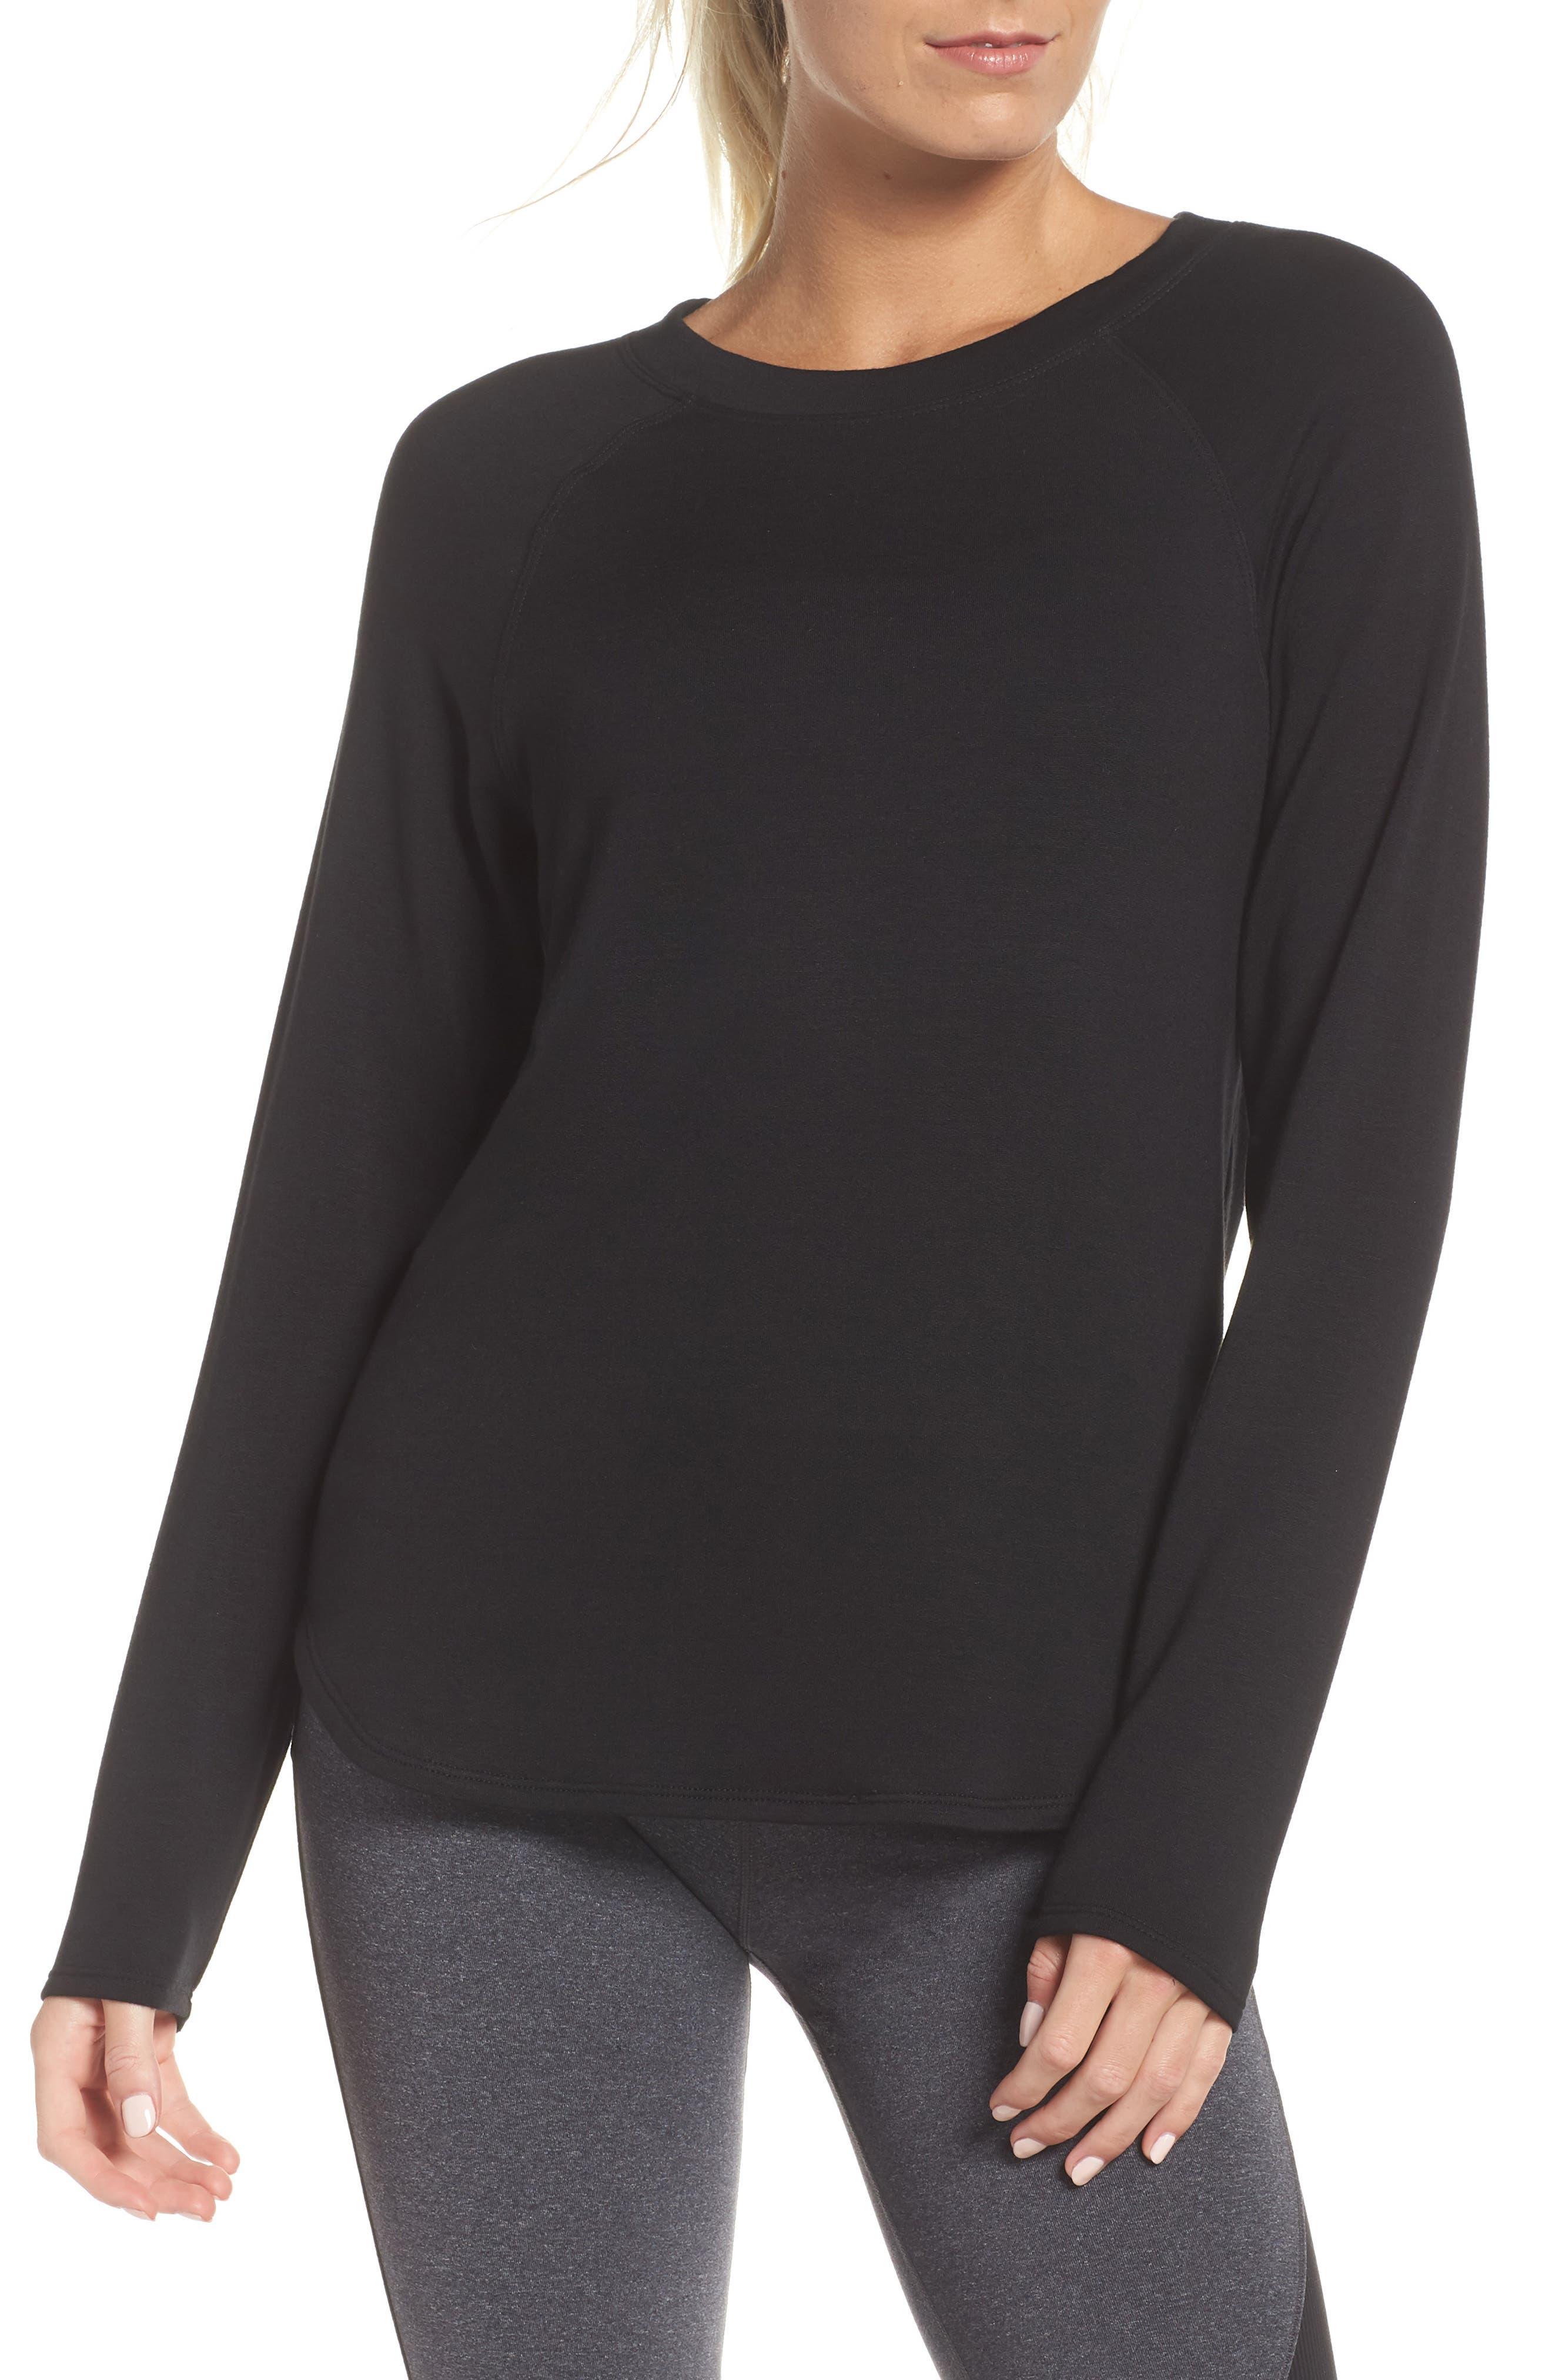 SPLITS59 Warm-Up Pullover in Black